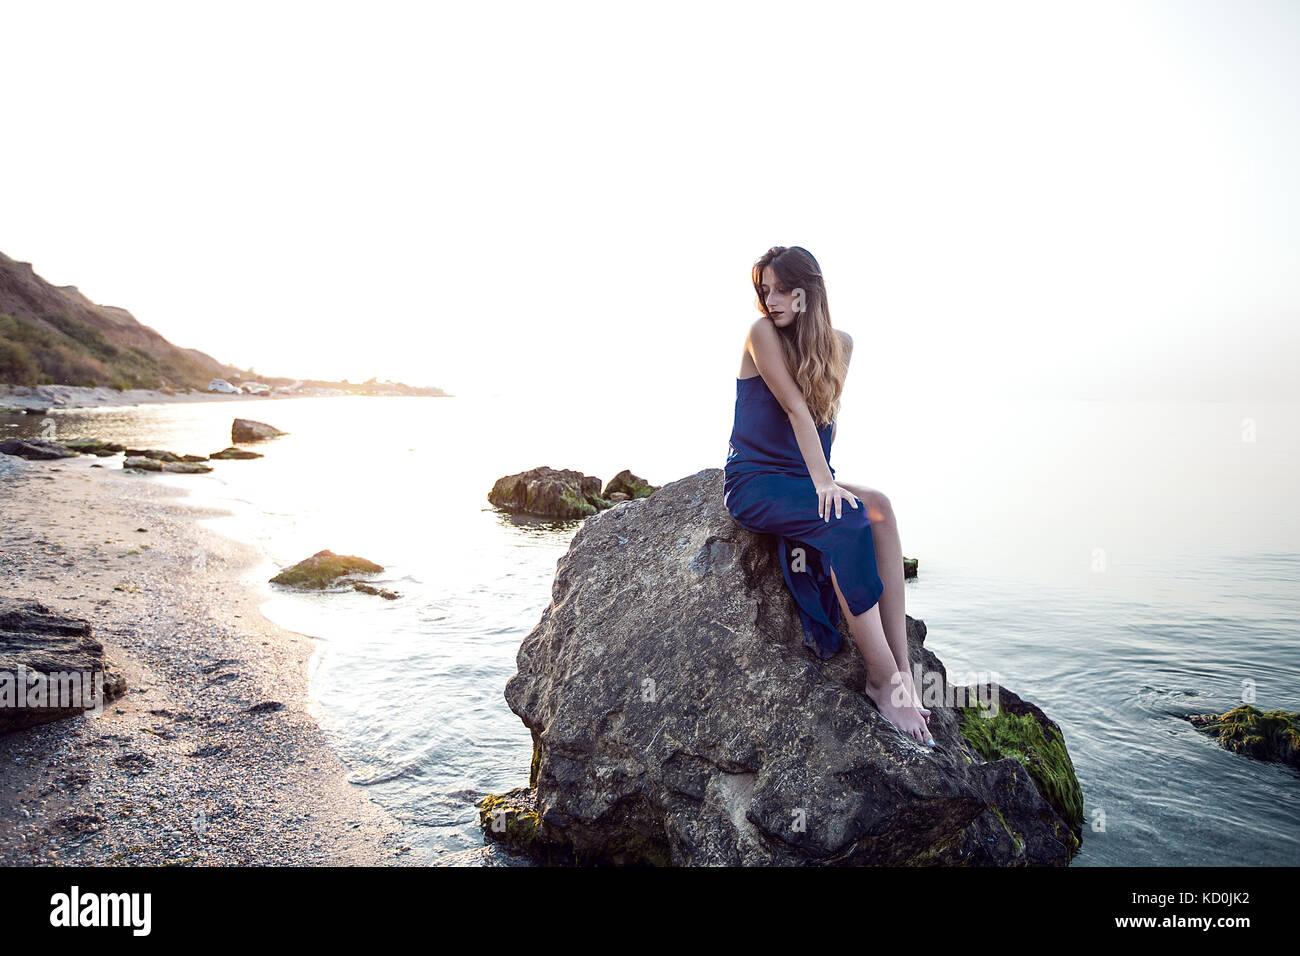 Mujer joven sentado en la playa rock, Odessa, Ucrania Foto de stock